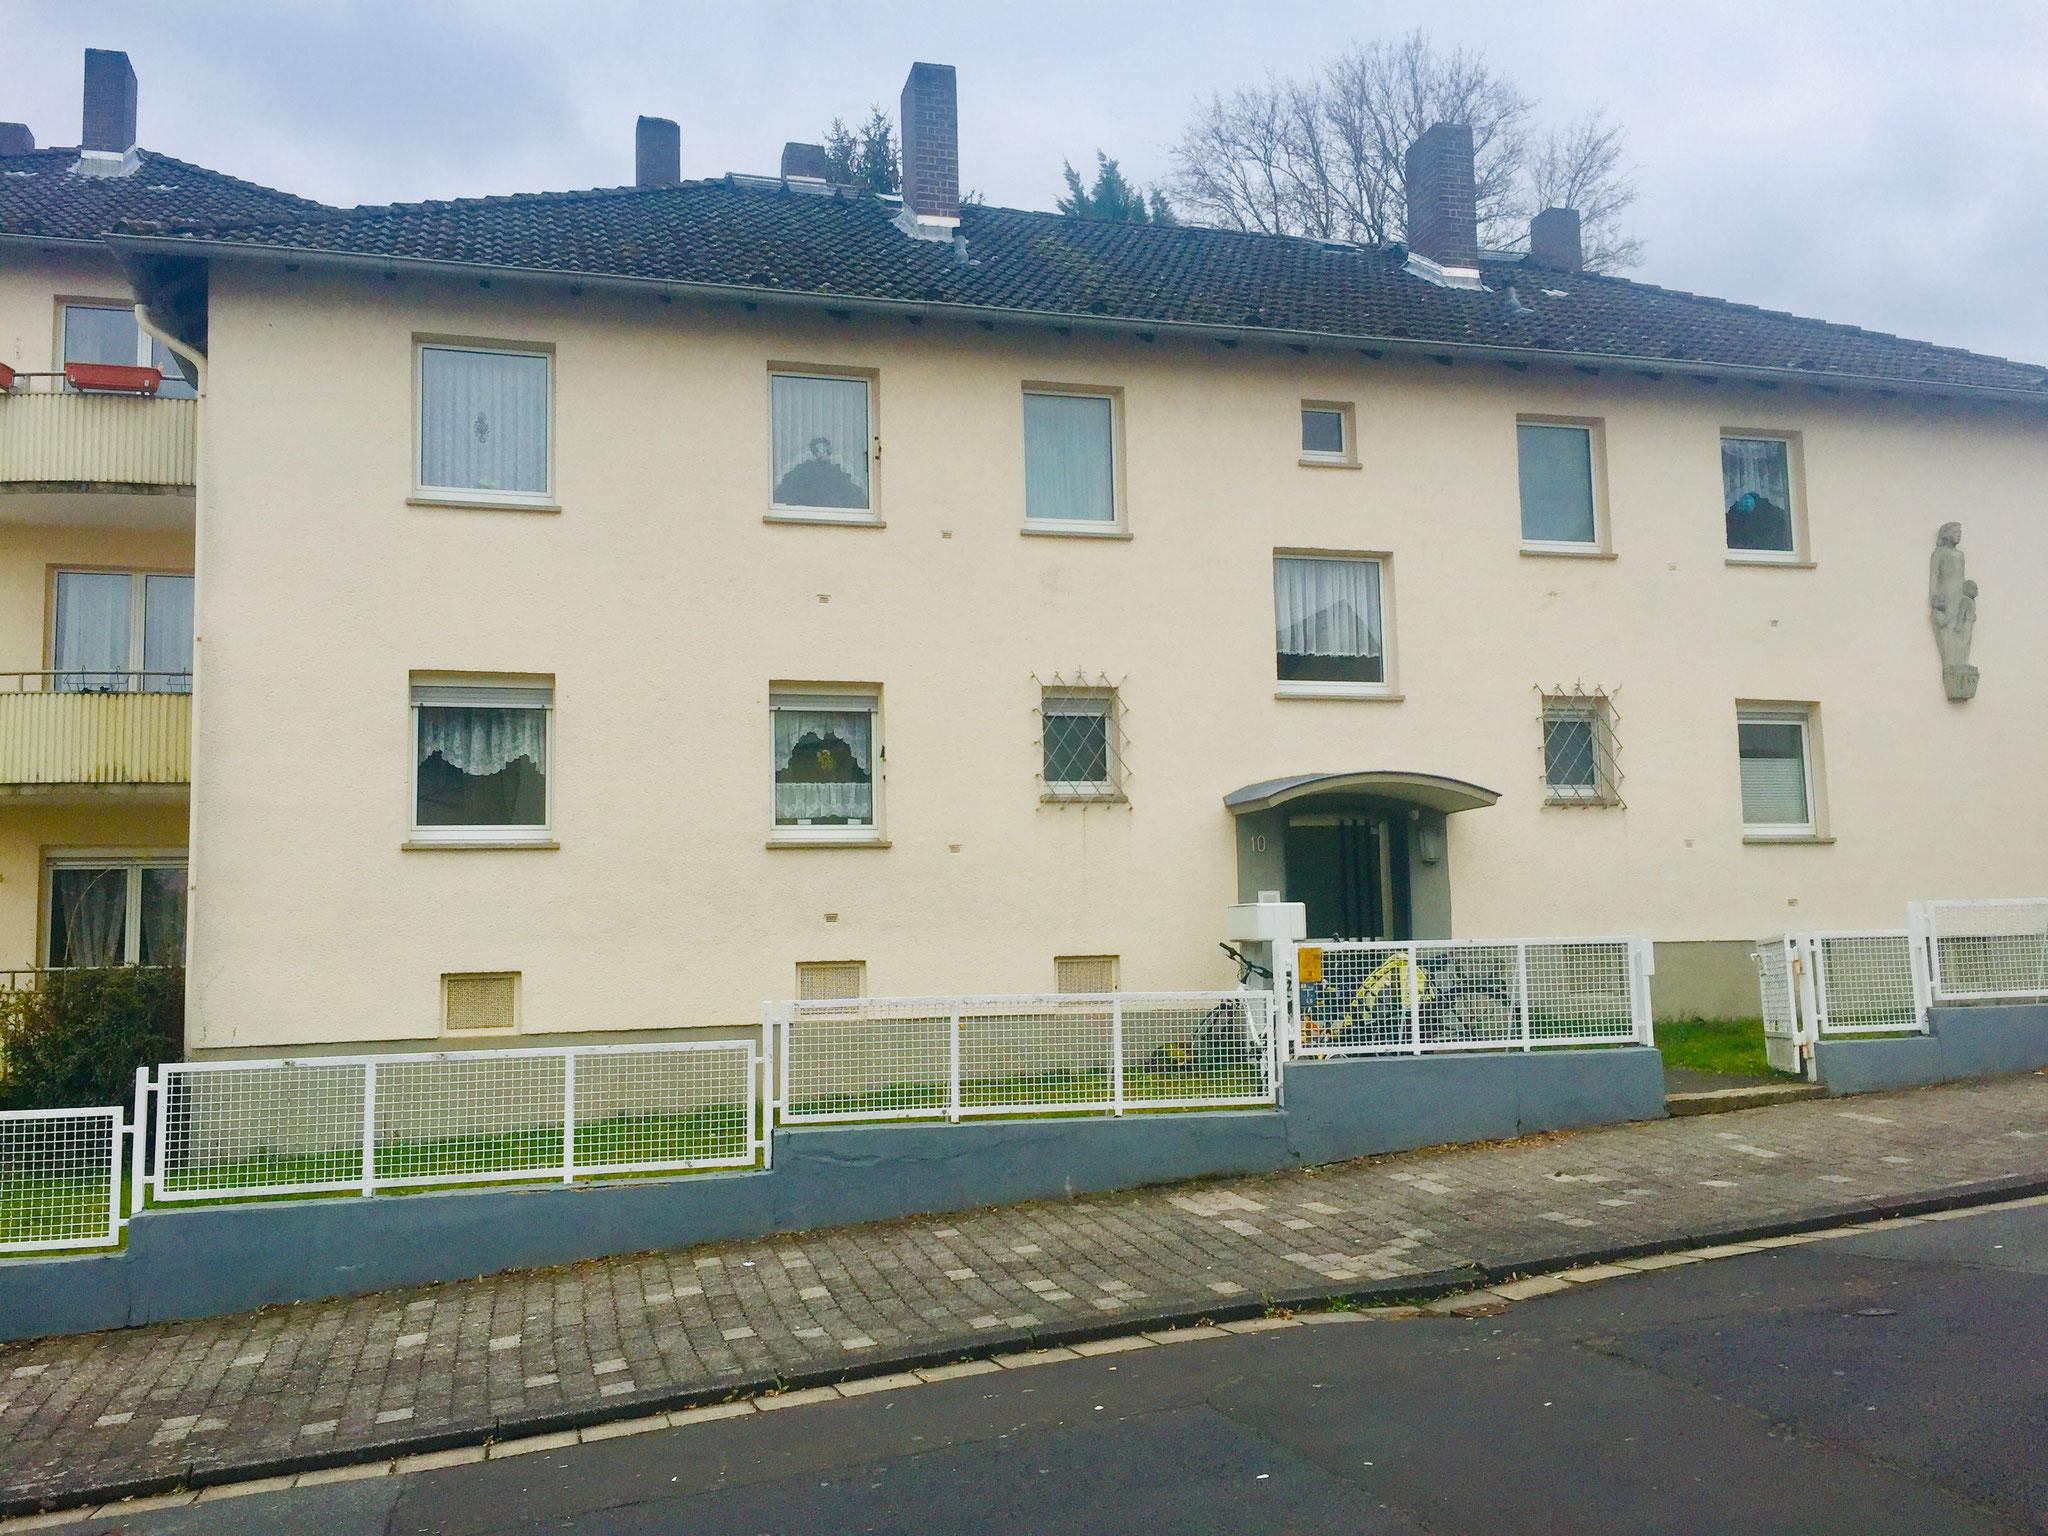 Mehrfamilienhaus in Butzbach - 10 Wohneinheiten